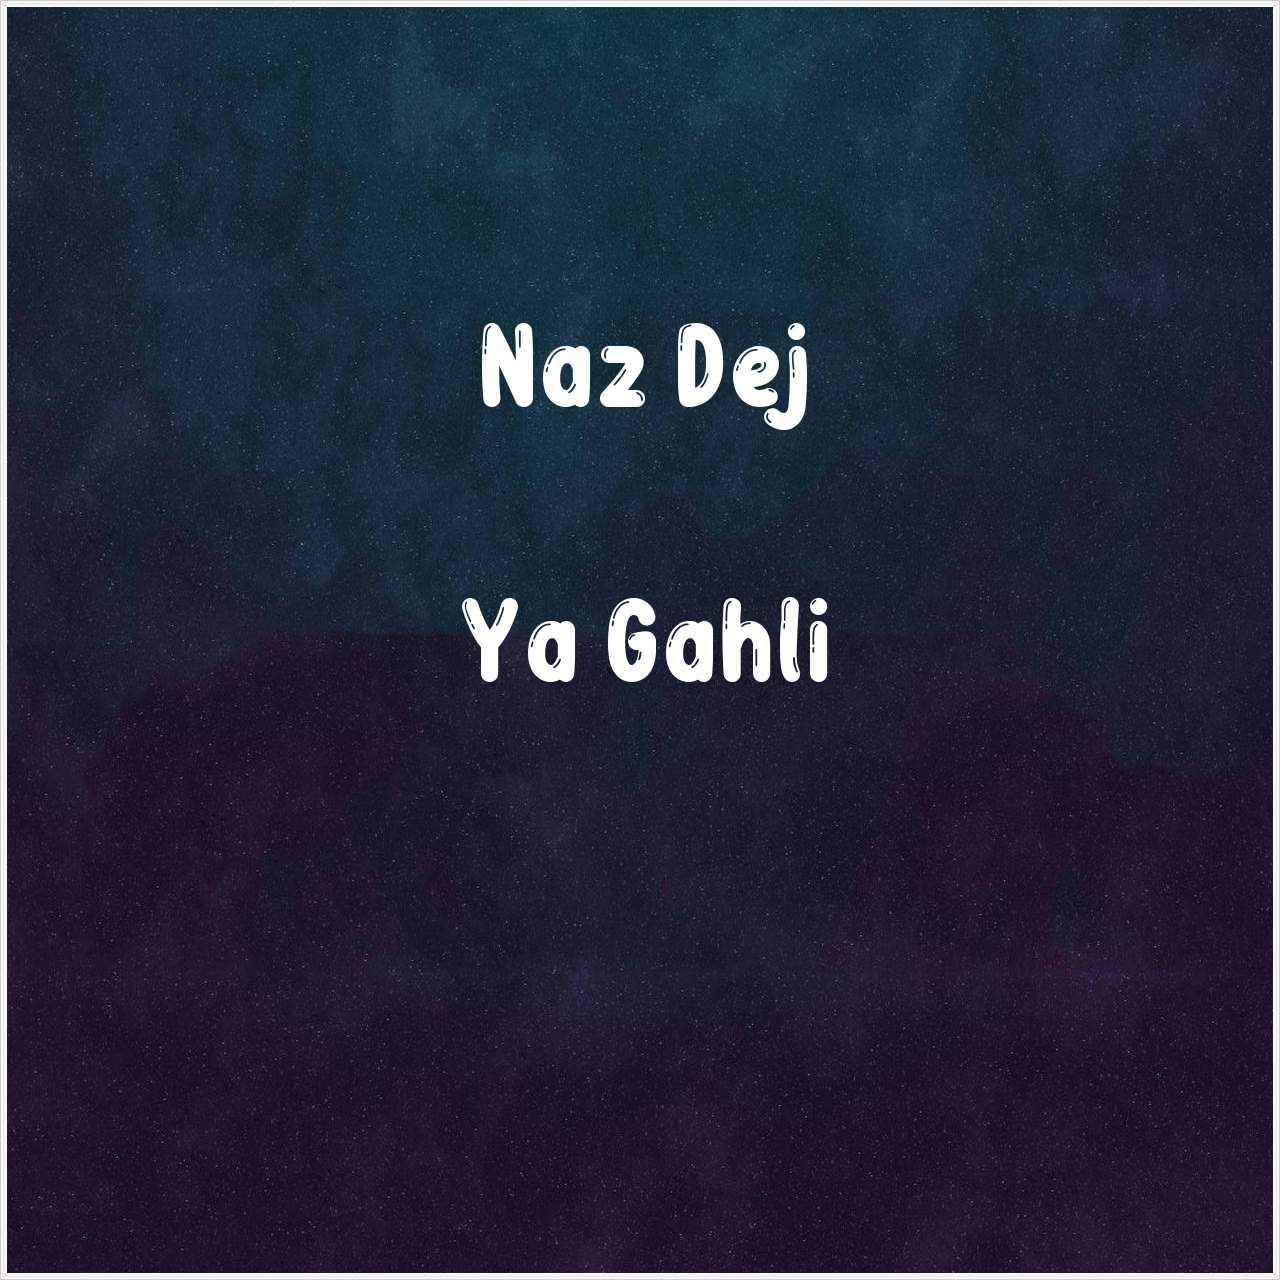 دانلود آهنگ جدید Naz Dej به نام Ya Gahli